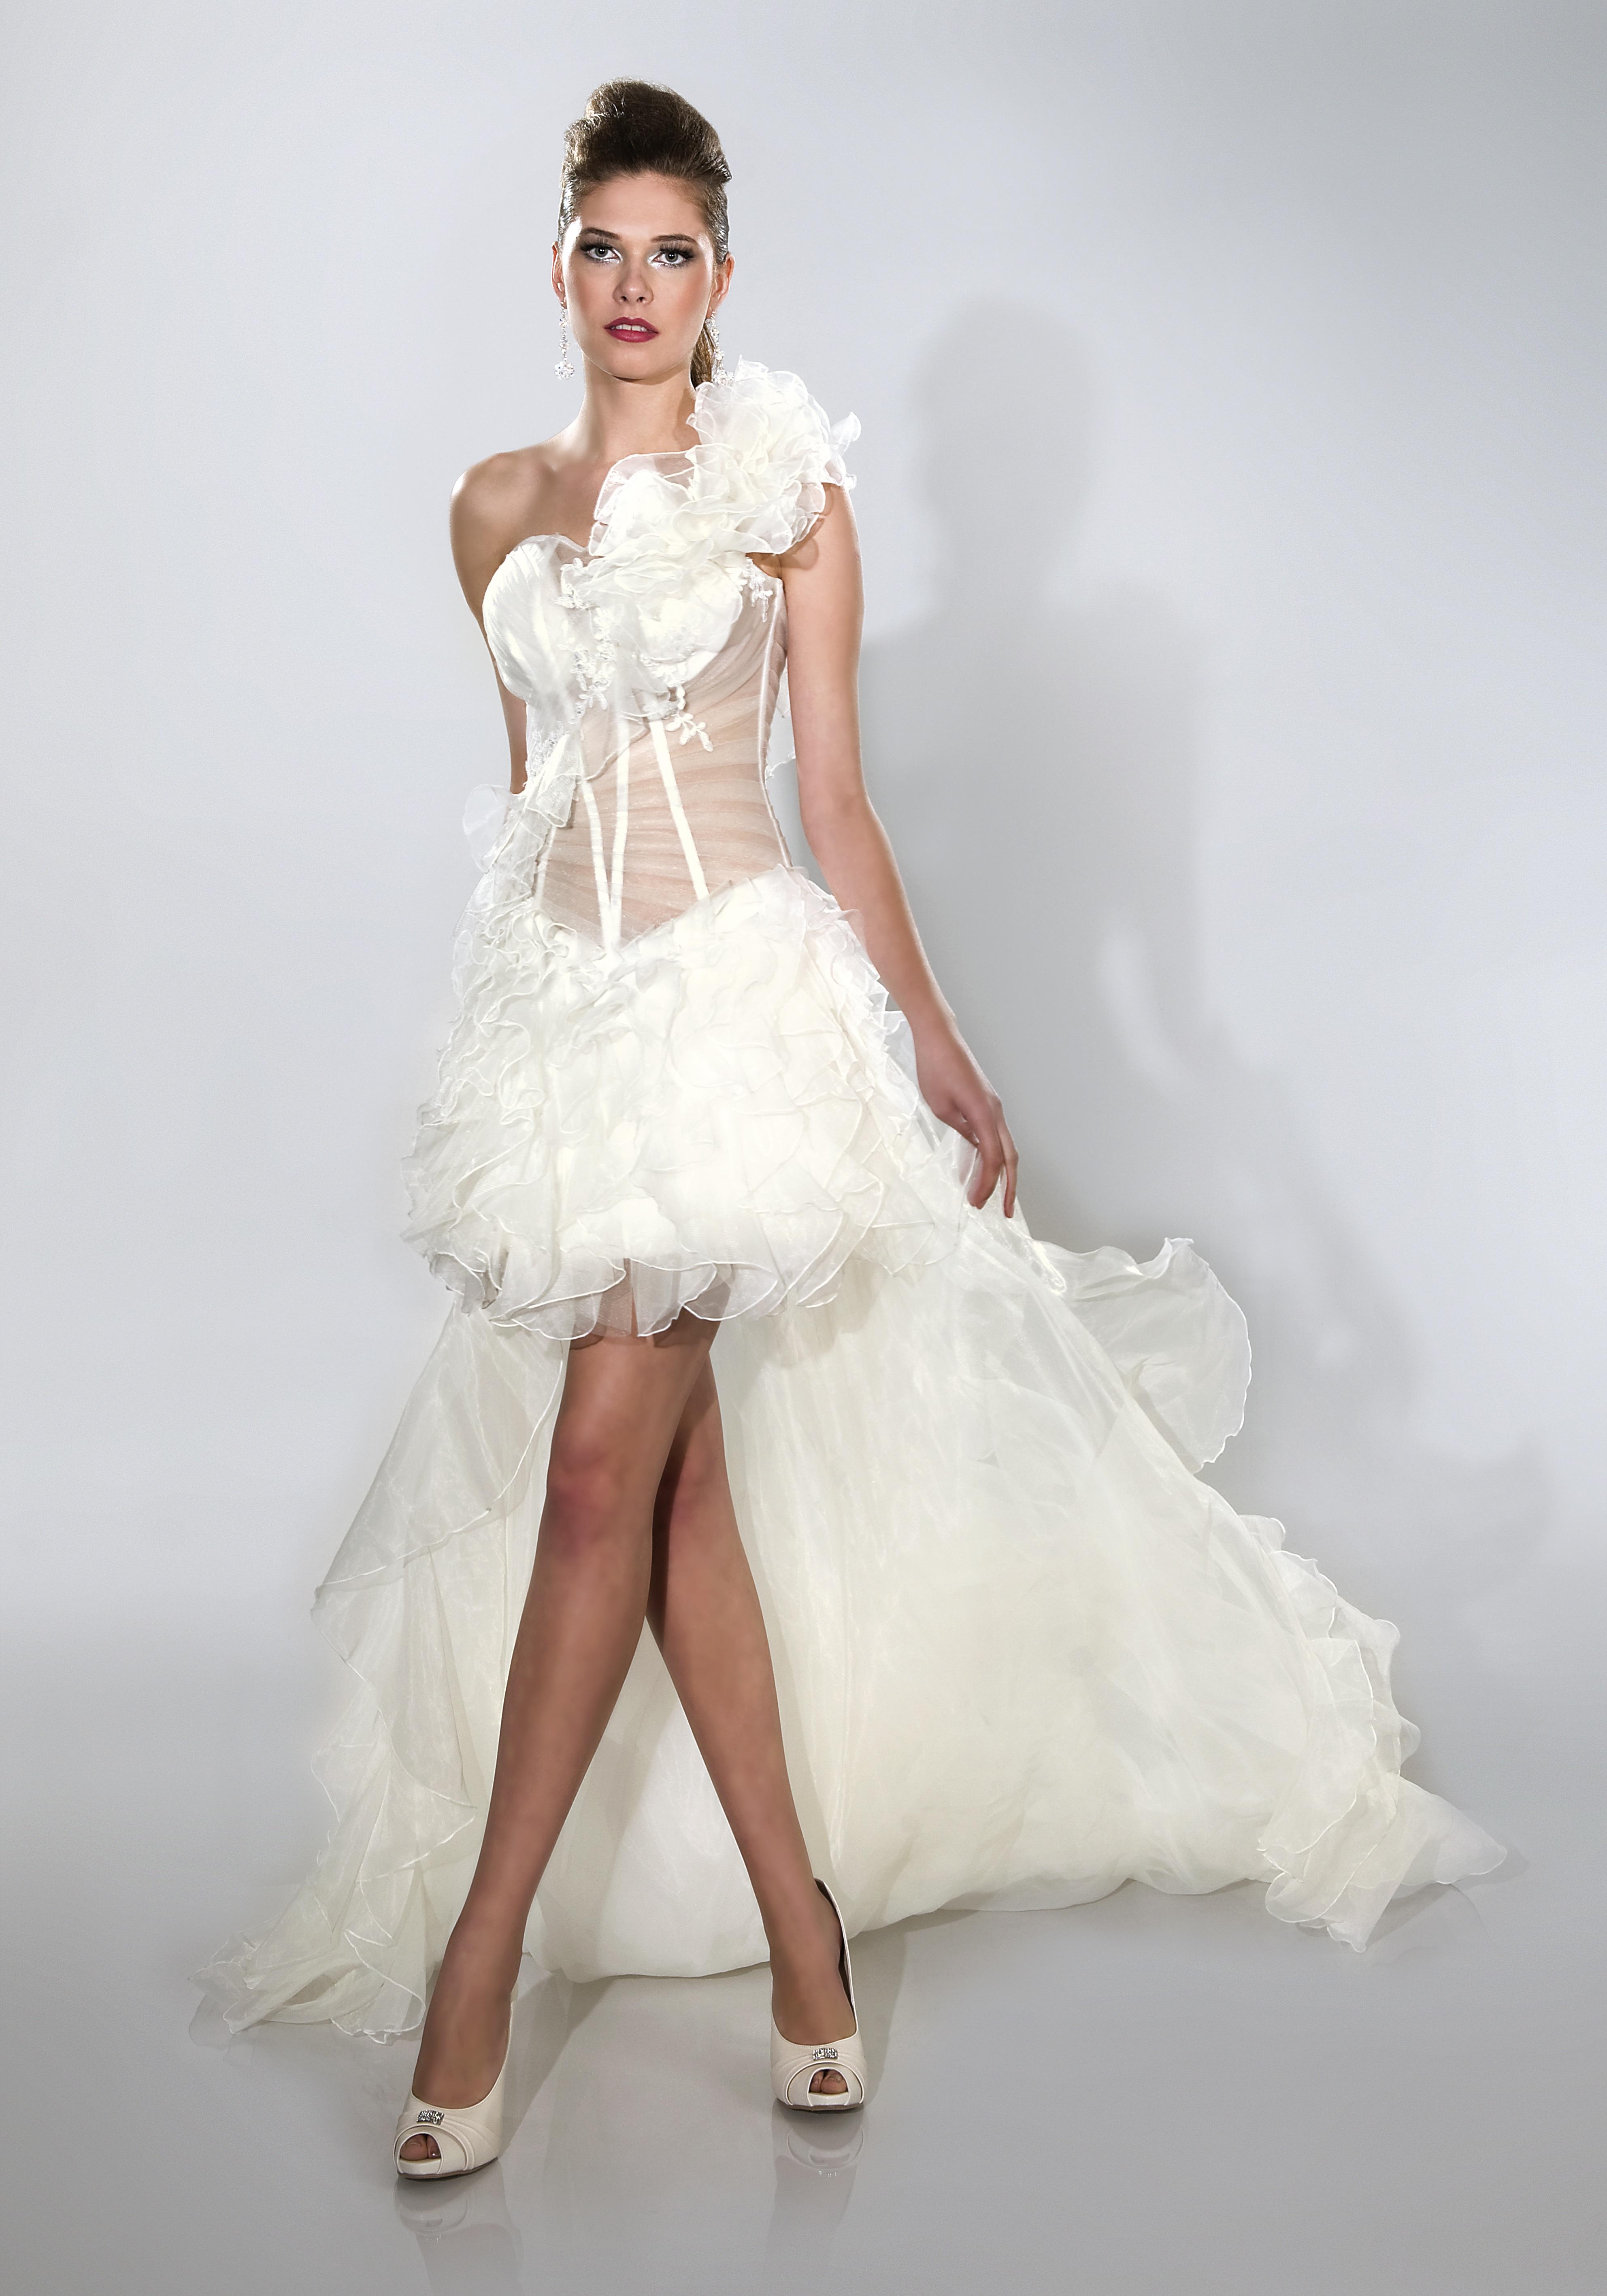 Wandelbares Brautkleid mit abnehmbarer Schleppe - Kleiderfreuden